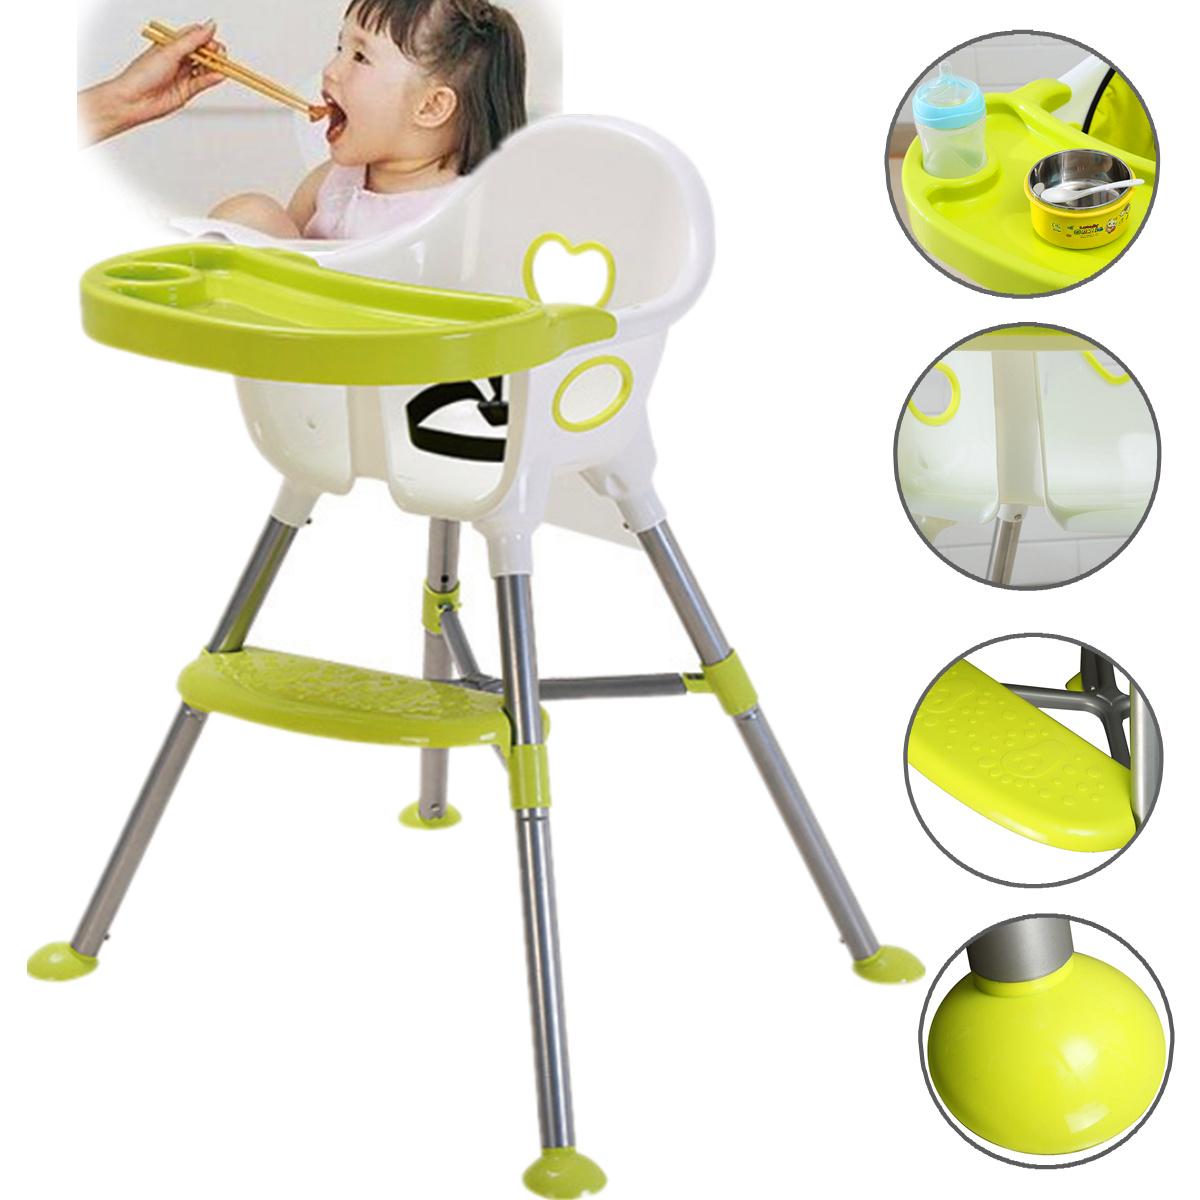 tempsa chaise haute basse pour enfant avec ceinture. Black Bedroom Furniture Sets. Home Design Ideas